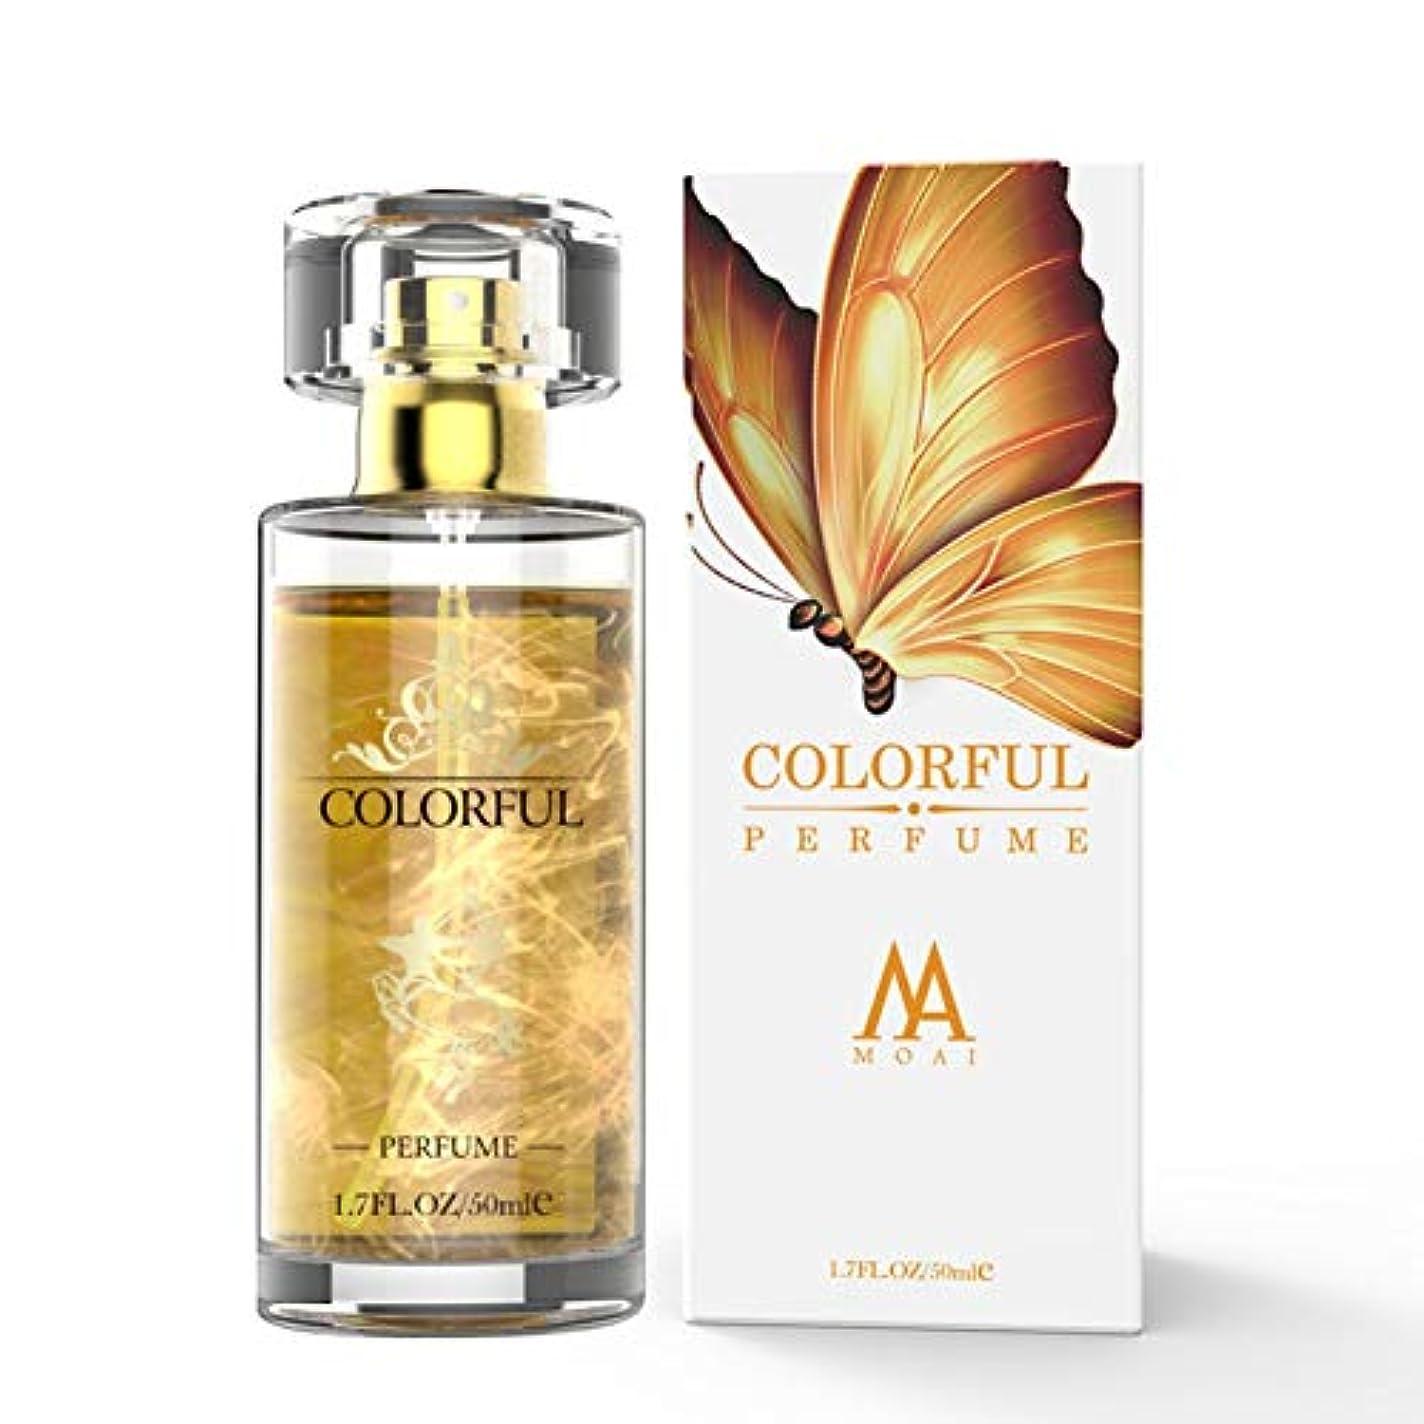 実業家マティス区別Dkhsyフェロモン香水いちゃつく香水男性ボディスプレーの浮気の香水女性の媚薬香水